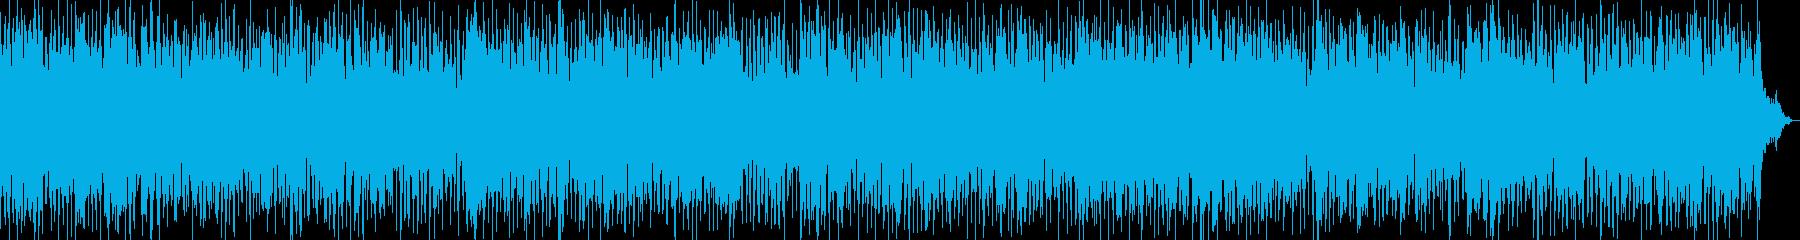 浮かれ気分のフォーキーブルースの再生済みの波形